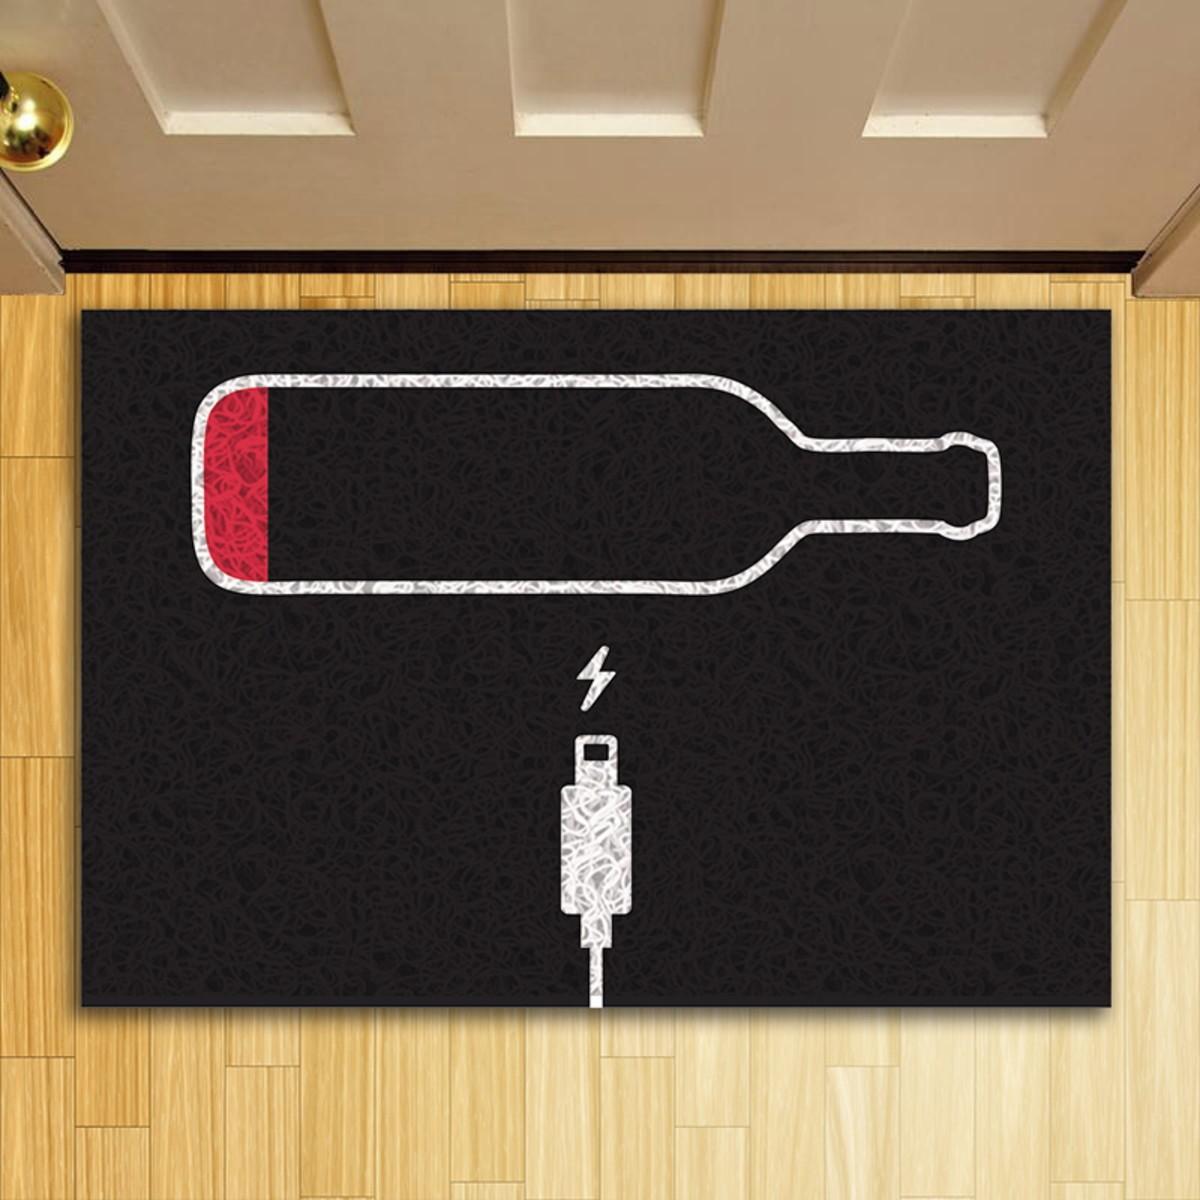 Tapete Capacho Carregando Vinho